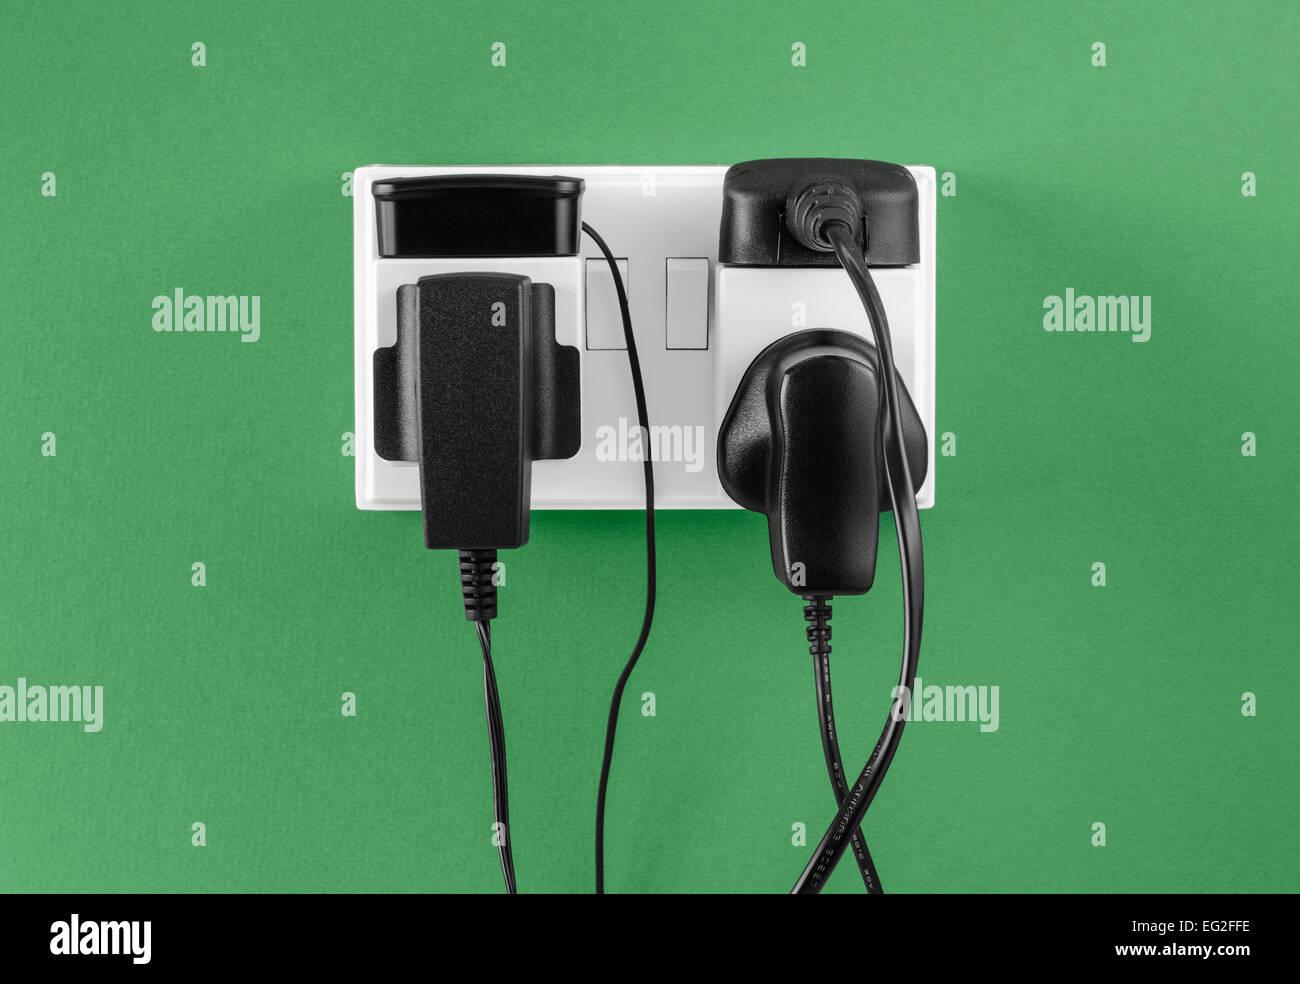 Cargadores de batería conectado a la salida Imagen De Stock